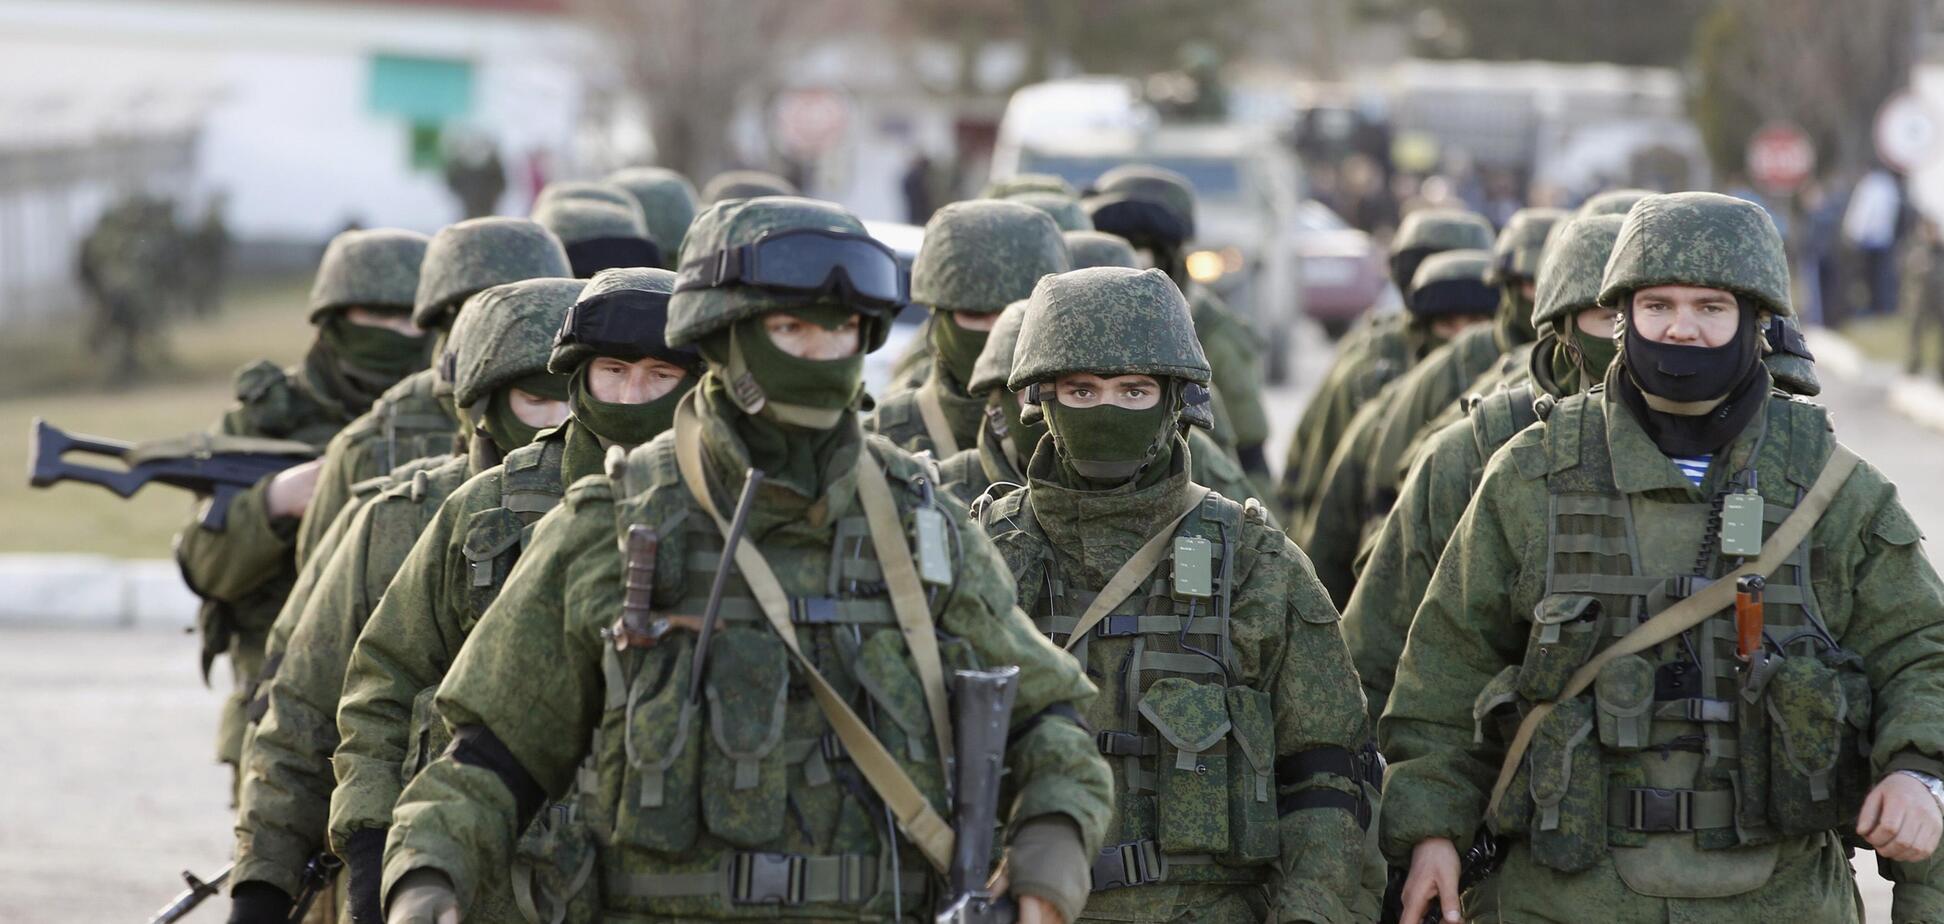 Україну нахабно обстріляли з території Росії: оприлюднена карта